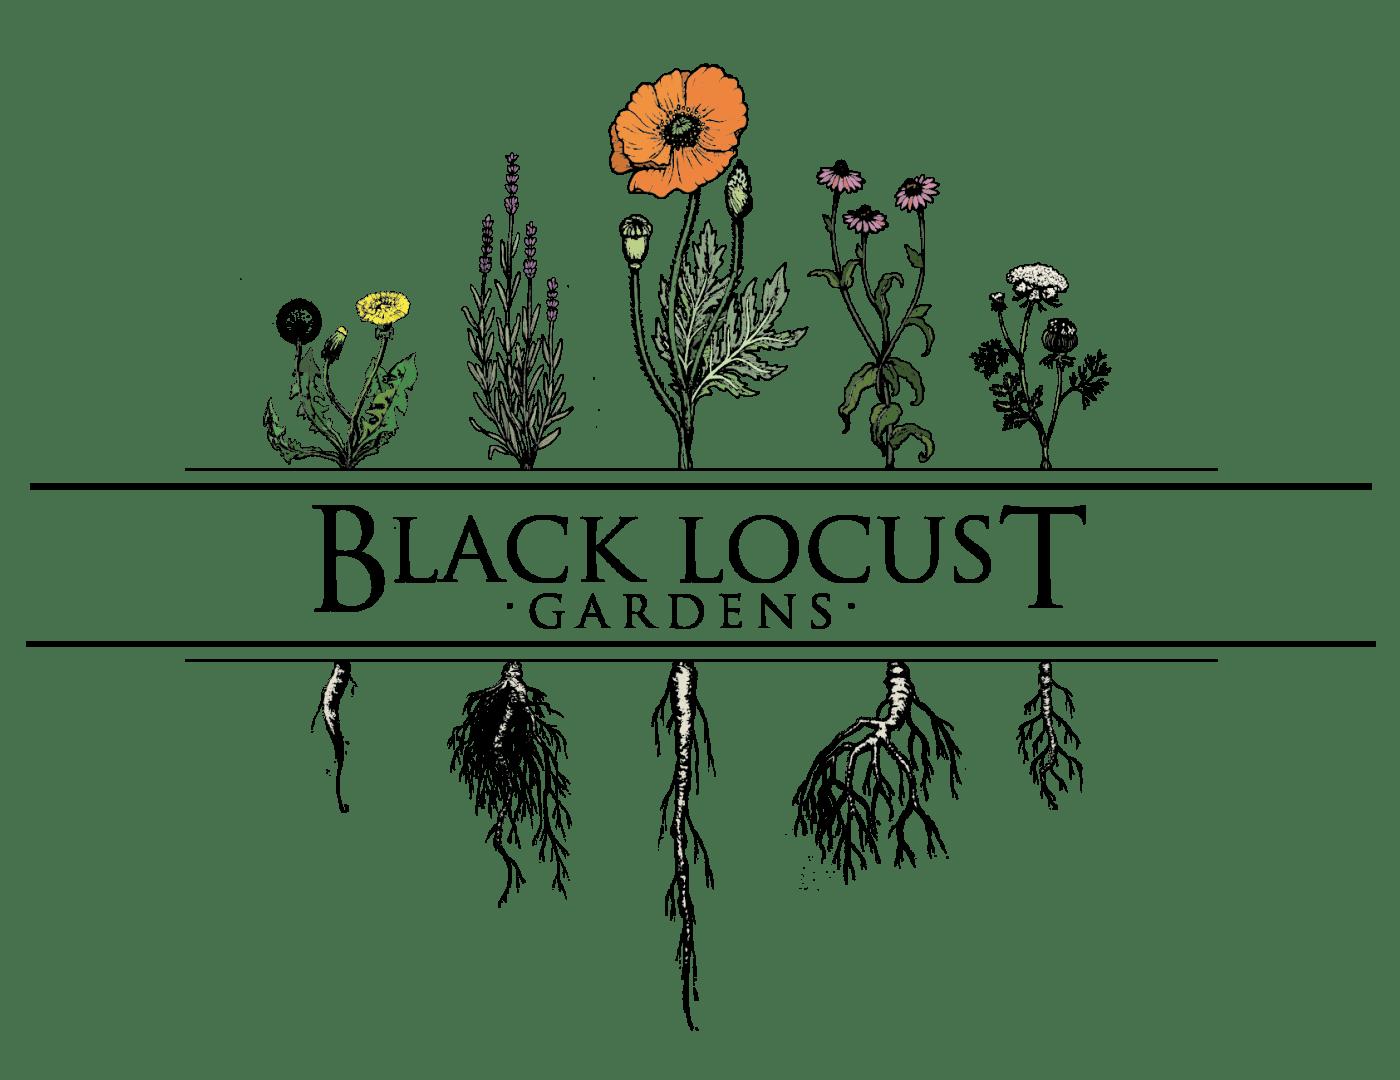 Black Locust Gardens